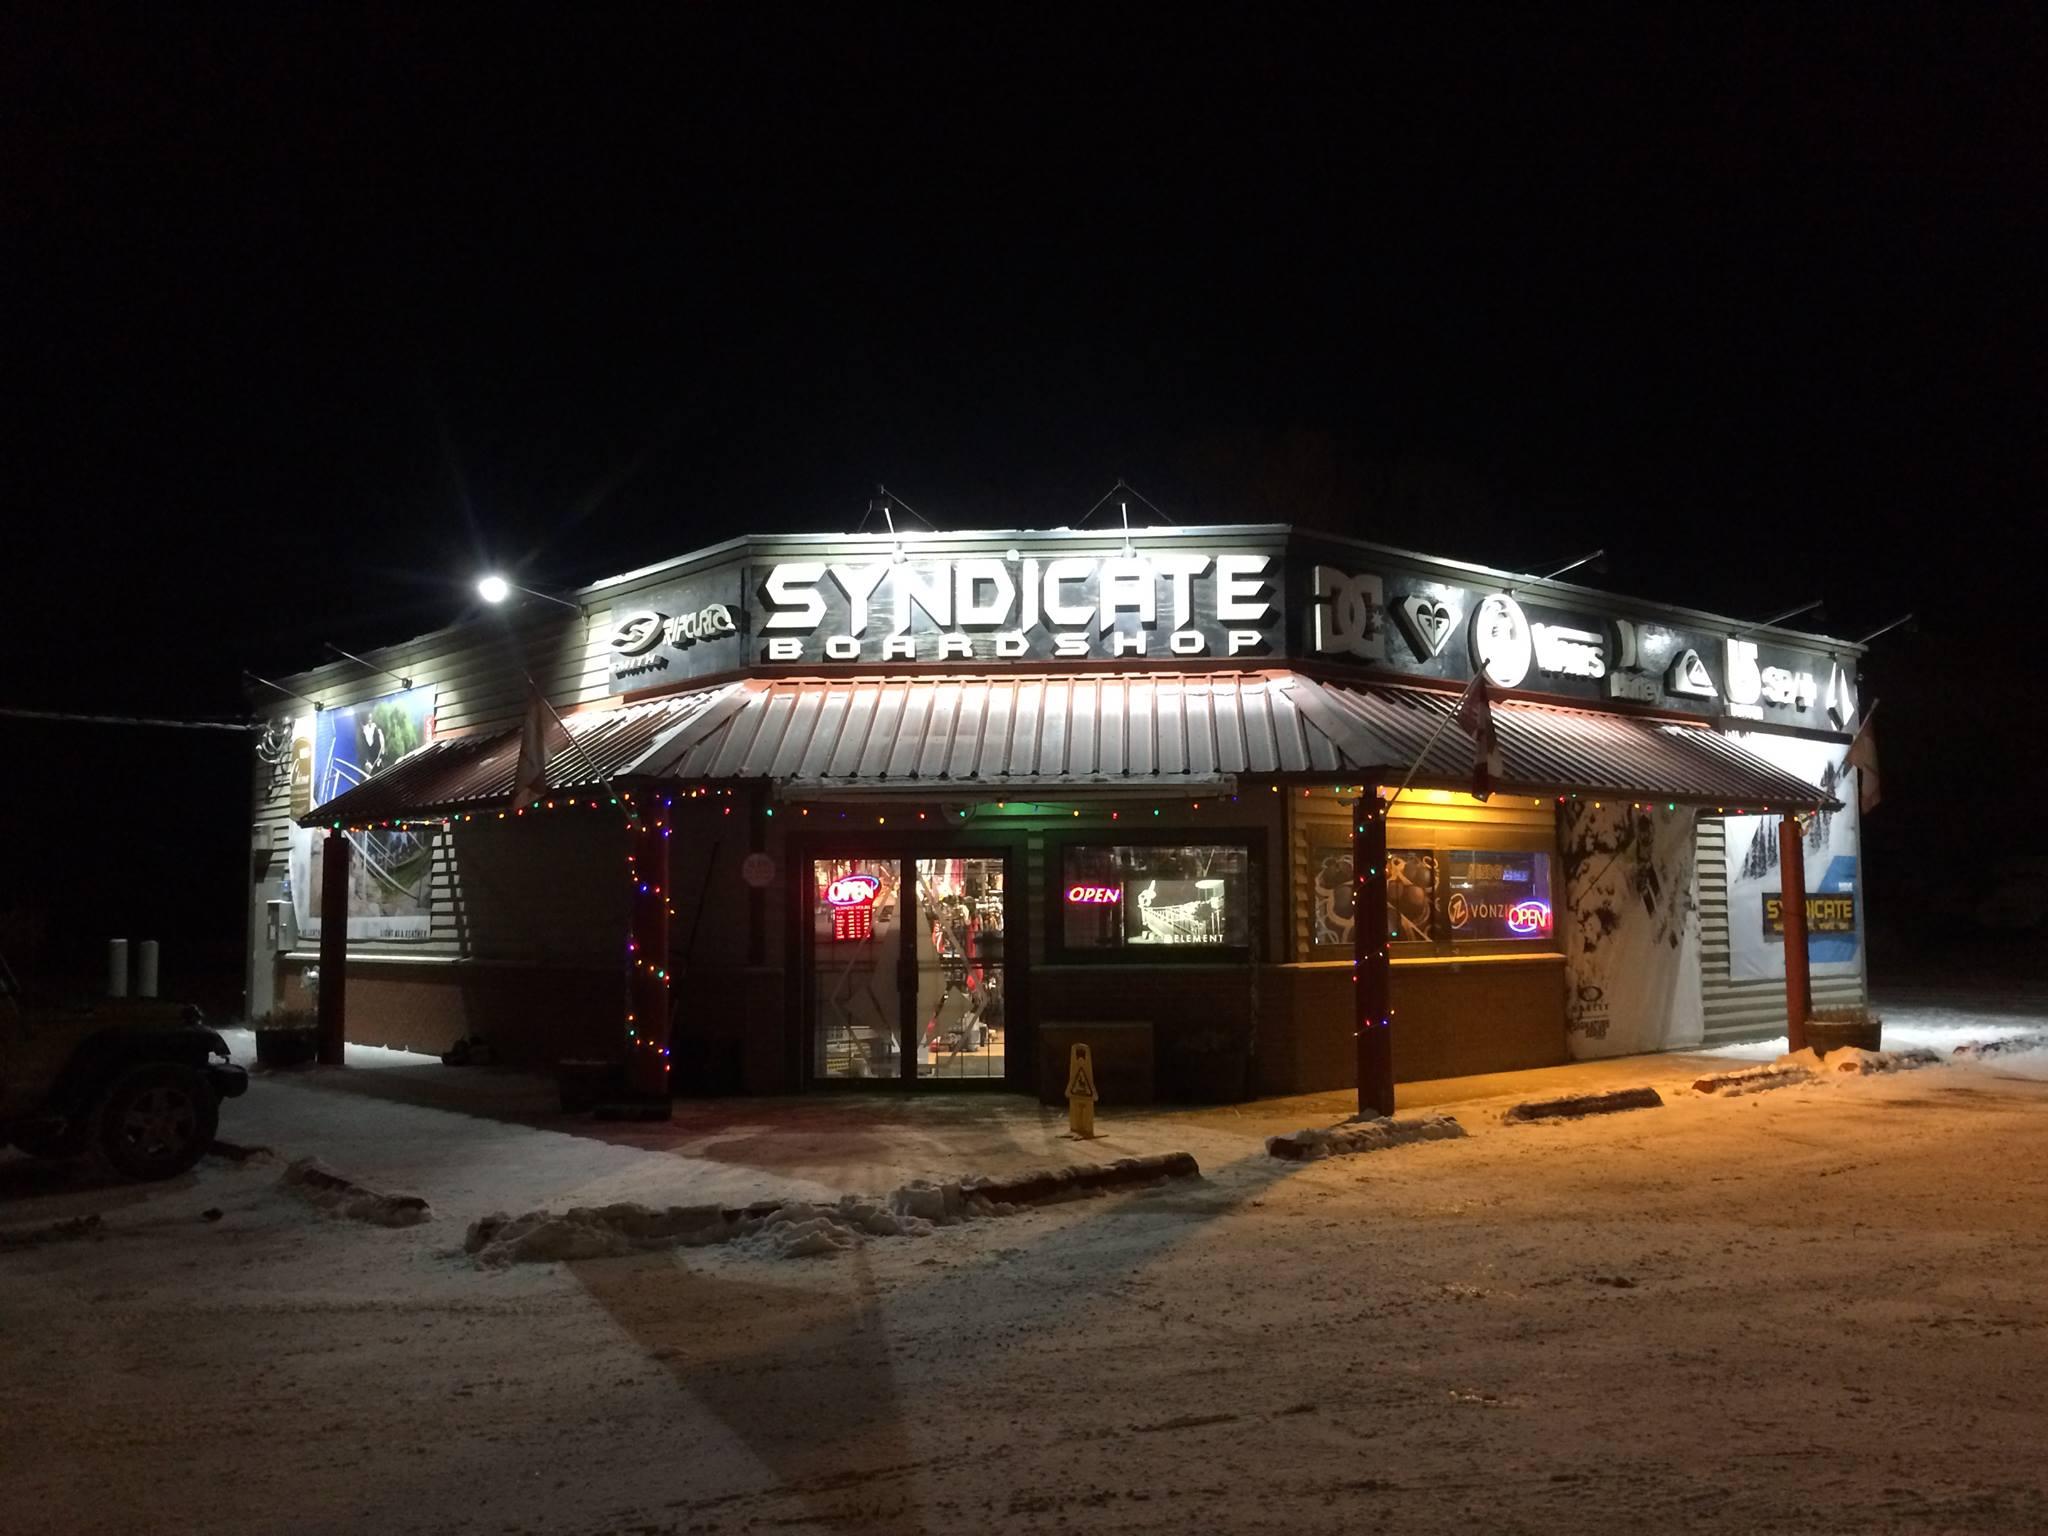 Syndicate Boardshop